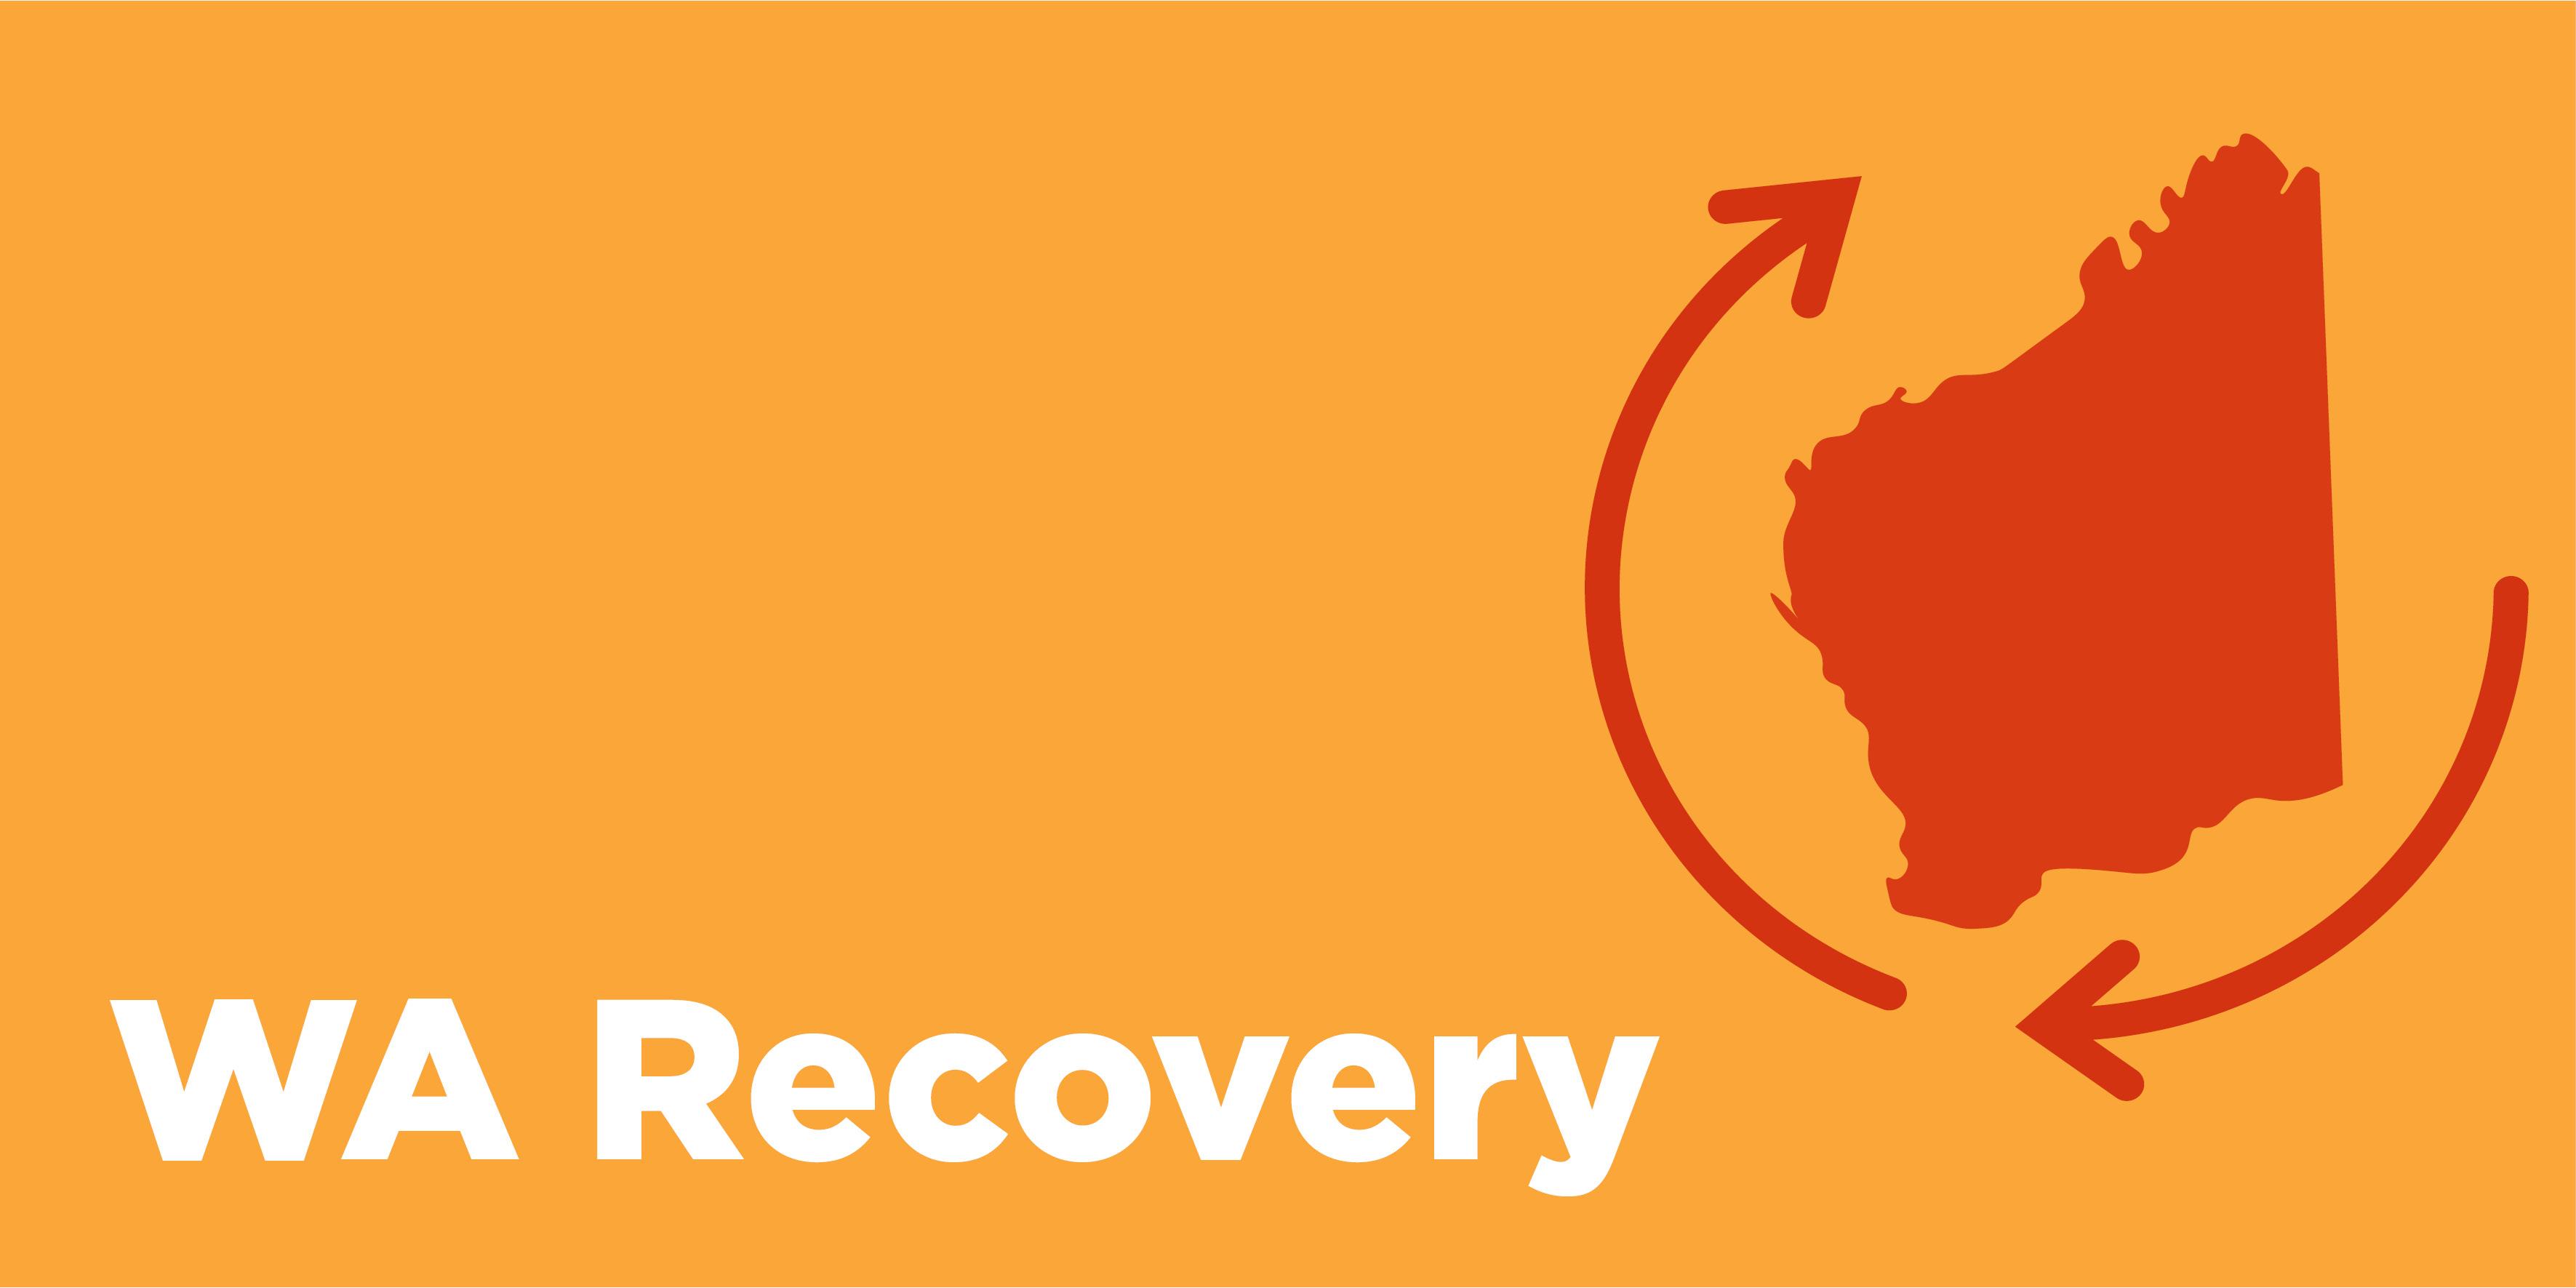 WA Recovery